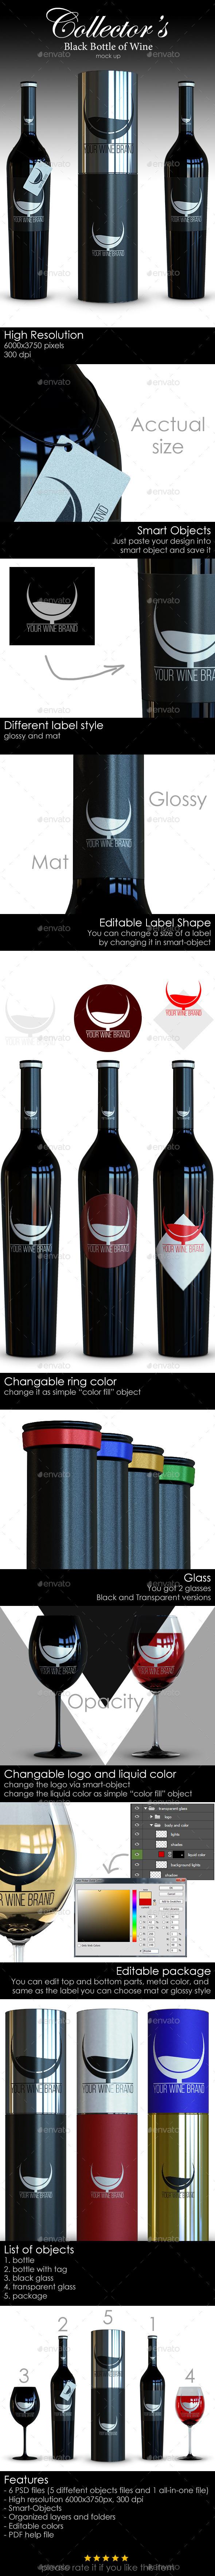 mock up mock-up Mockup wine black bottle collector